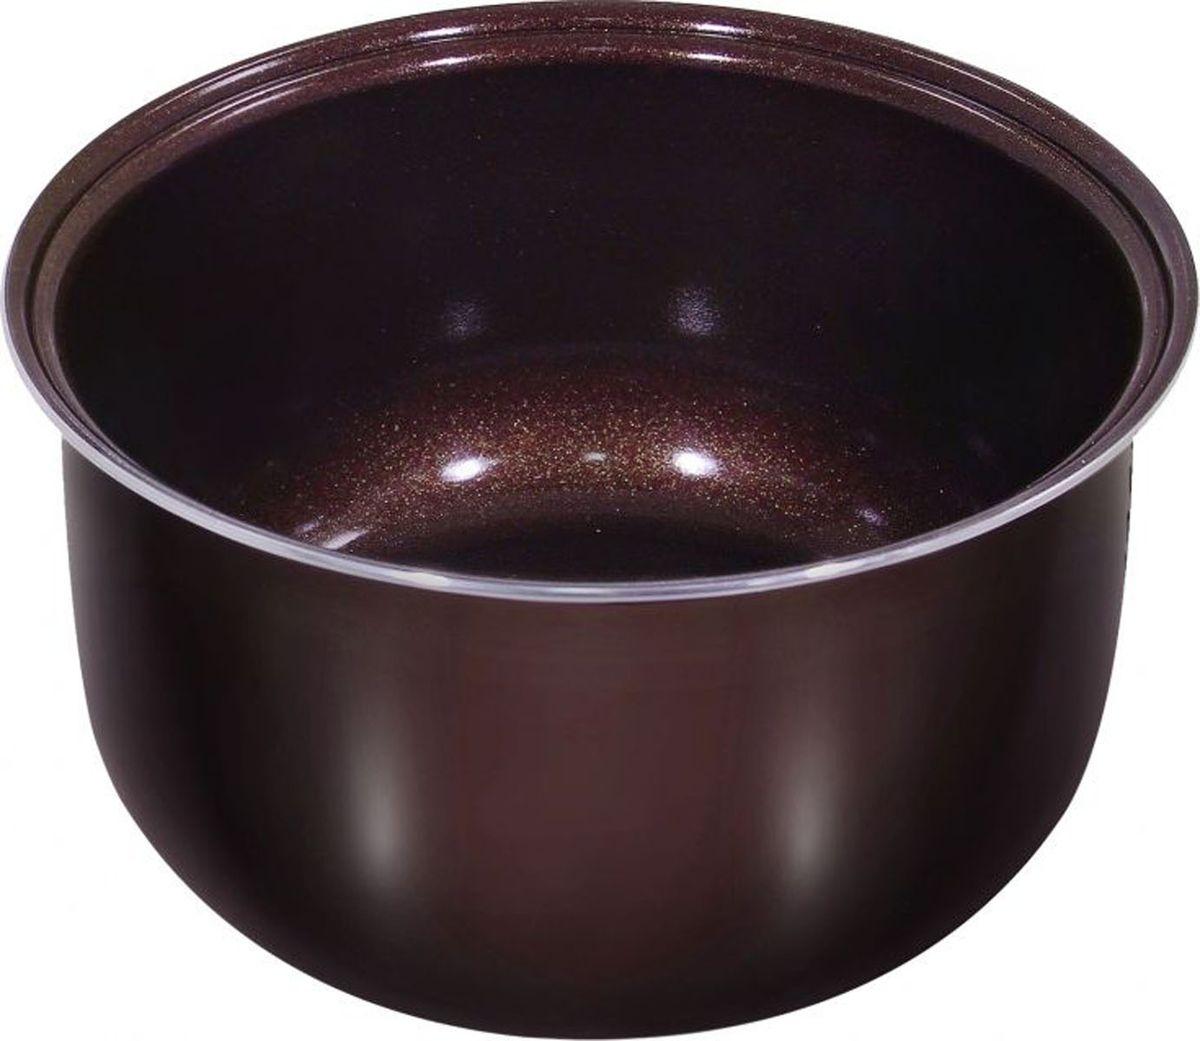 Marta MT-MC3122 Ceramic, Chocolate чаша для мультиварки, 3 лMT-MC3122Толстостенная чаша Marta MT-MC3122 для использования во всех типах 3-литровых мультиварок, кромемультиварок-скороварок.Внутреннее немецкое двухслойное керамическое покрытие чаши GREBLON CK2. Данное покрытие по некоторымхарактеристикам превосходит корейские и прочие аналоги в несколько раз. Создано из природного,экологически чистого материала. Имеет антибактериальные свойства, не окисляется, не выделяет вредные примеси, сохраняет истинный вкус иполезные свойства продуктов, тем самым, заботясь о качестве пищи и здоровье людей.